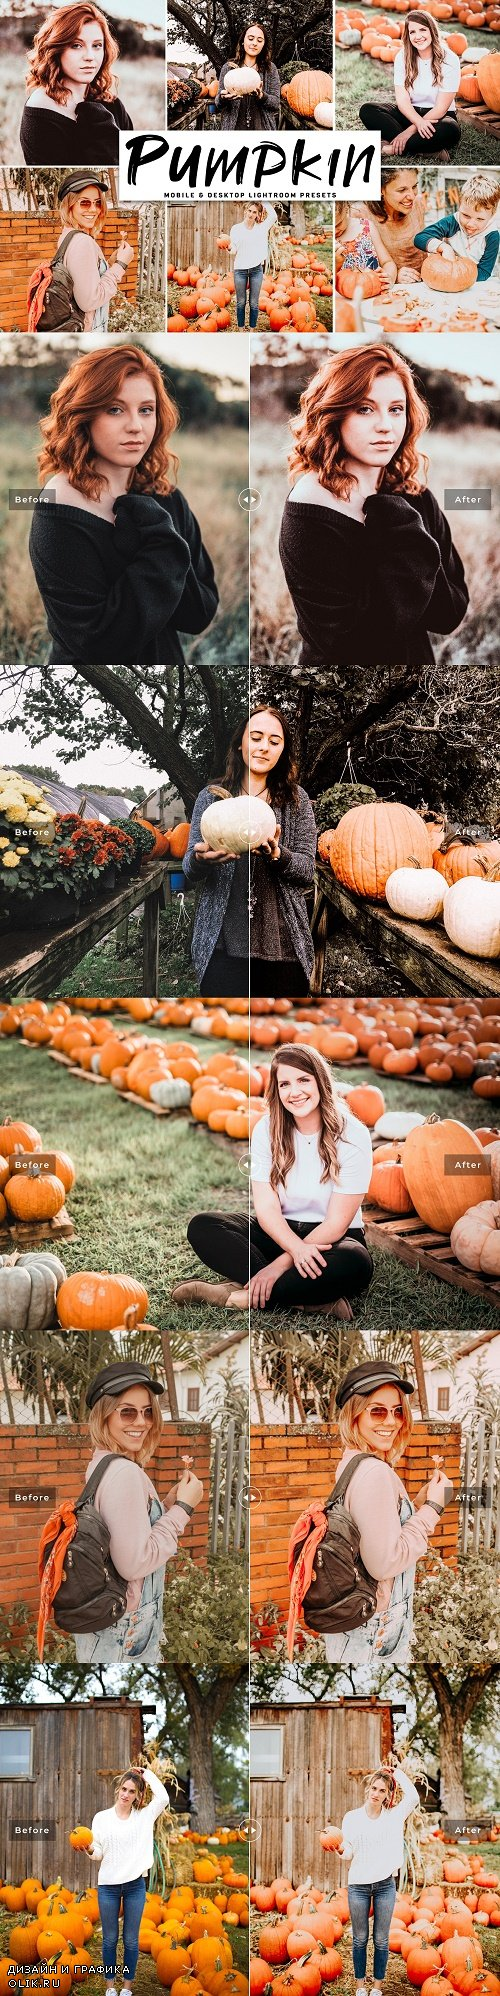 Pumpkin Lightroom Presets Pack - 4134947==